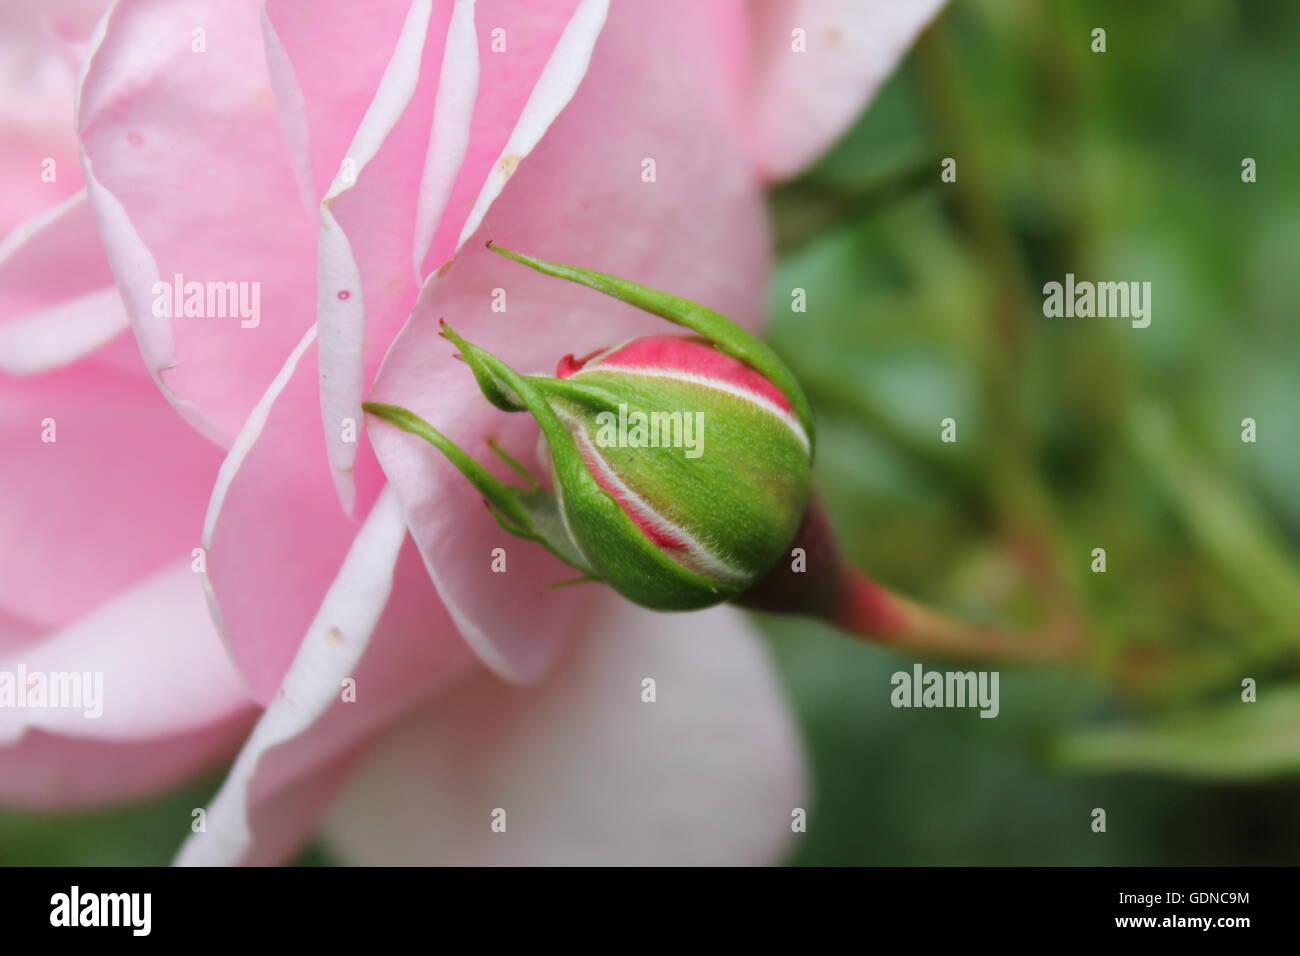 Beautiful Rose and rosebud - Stock Image